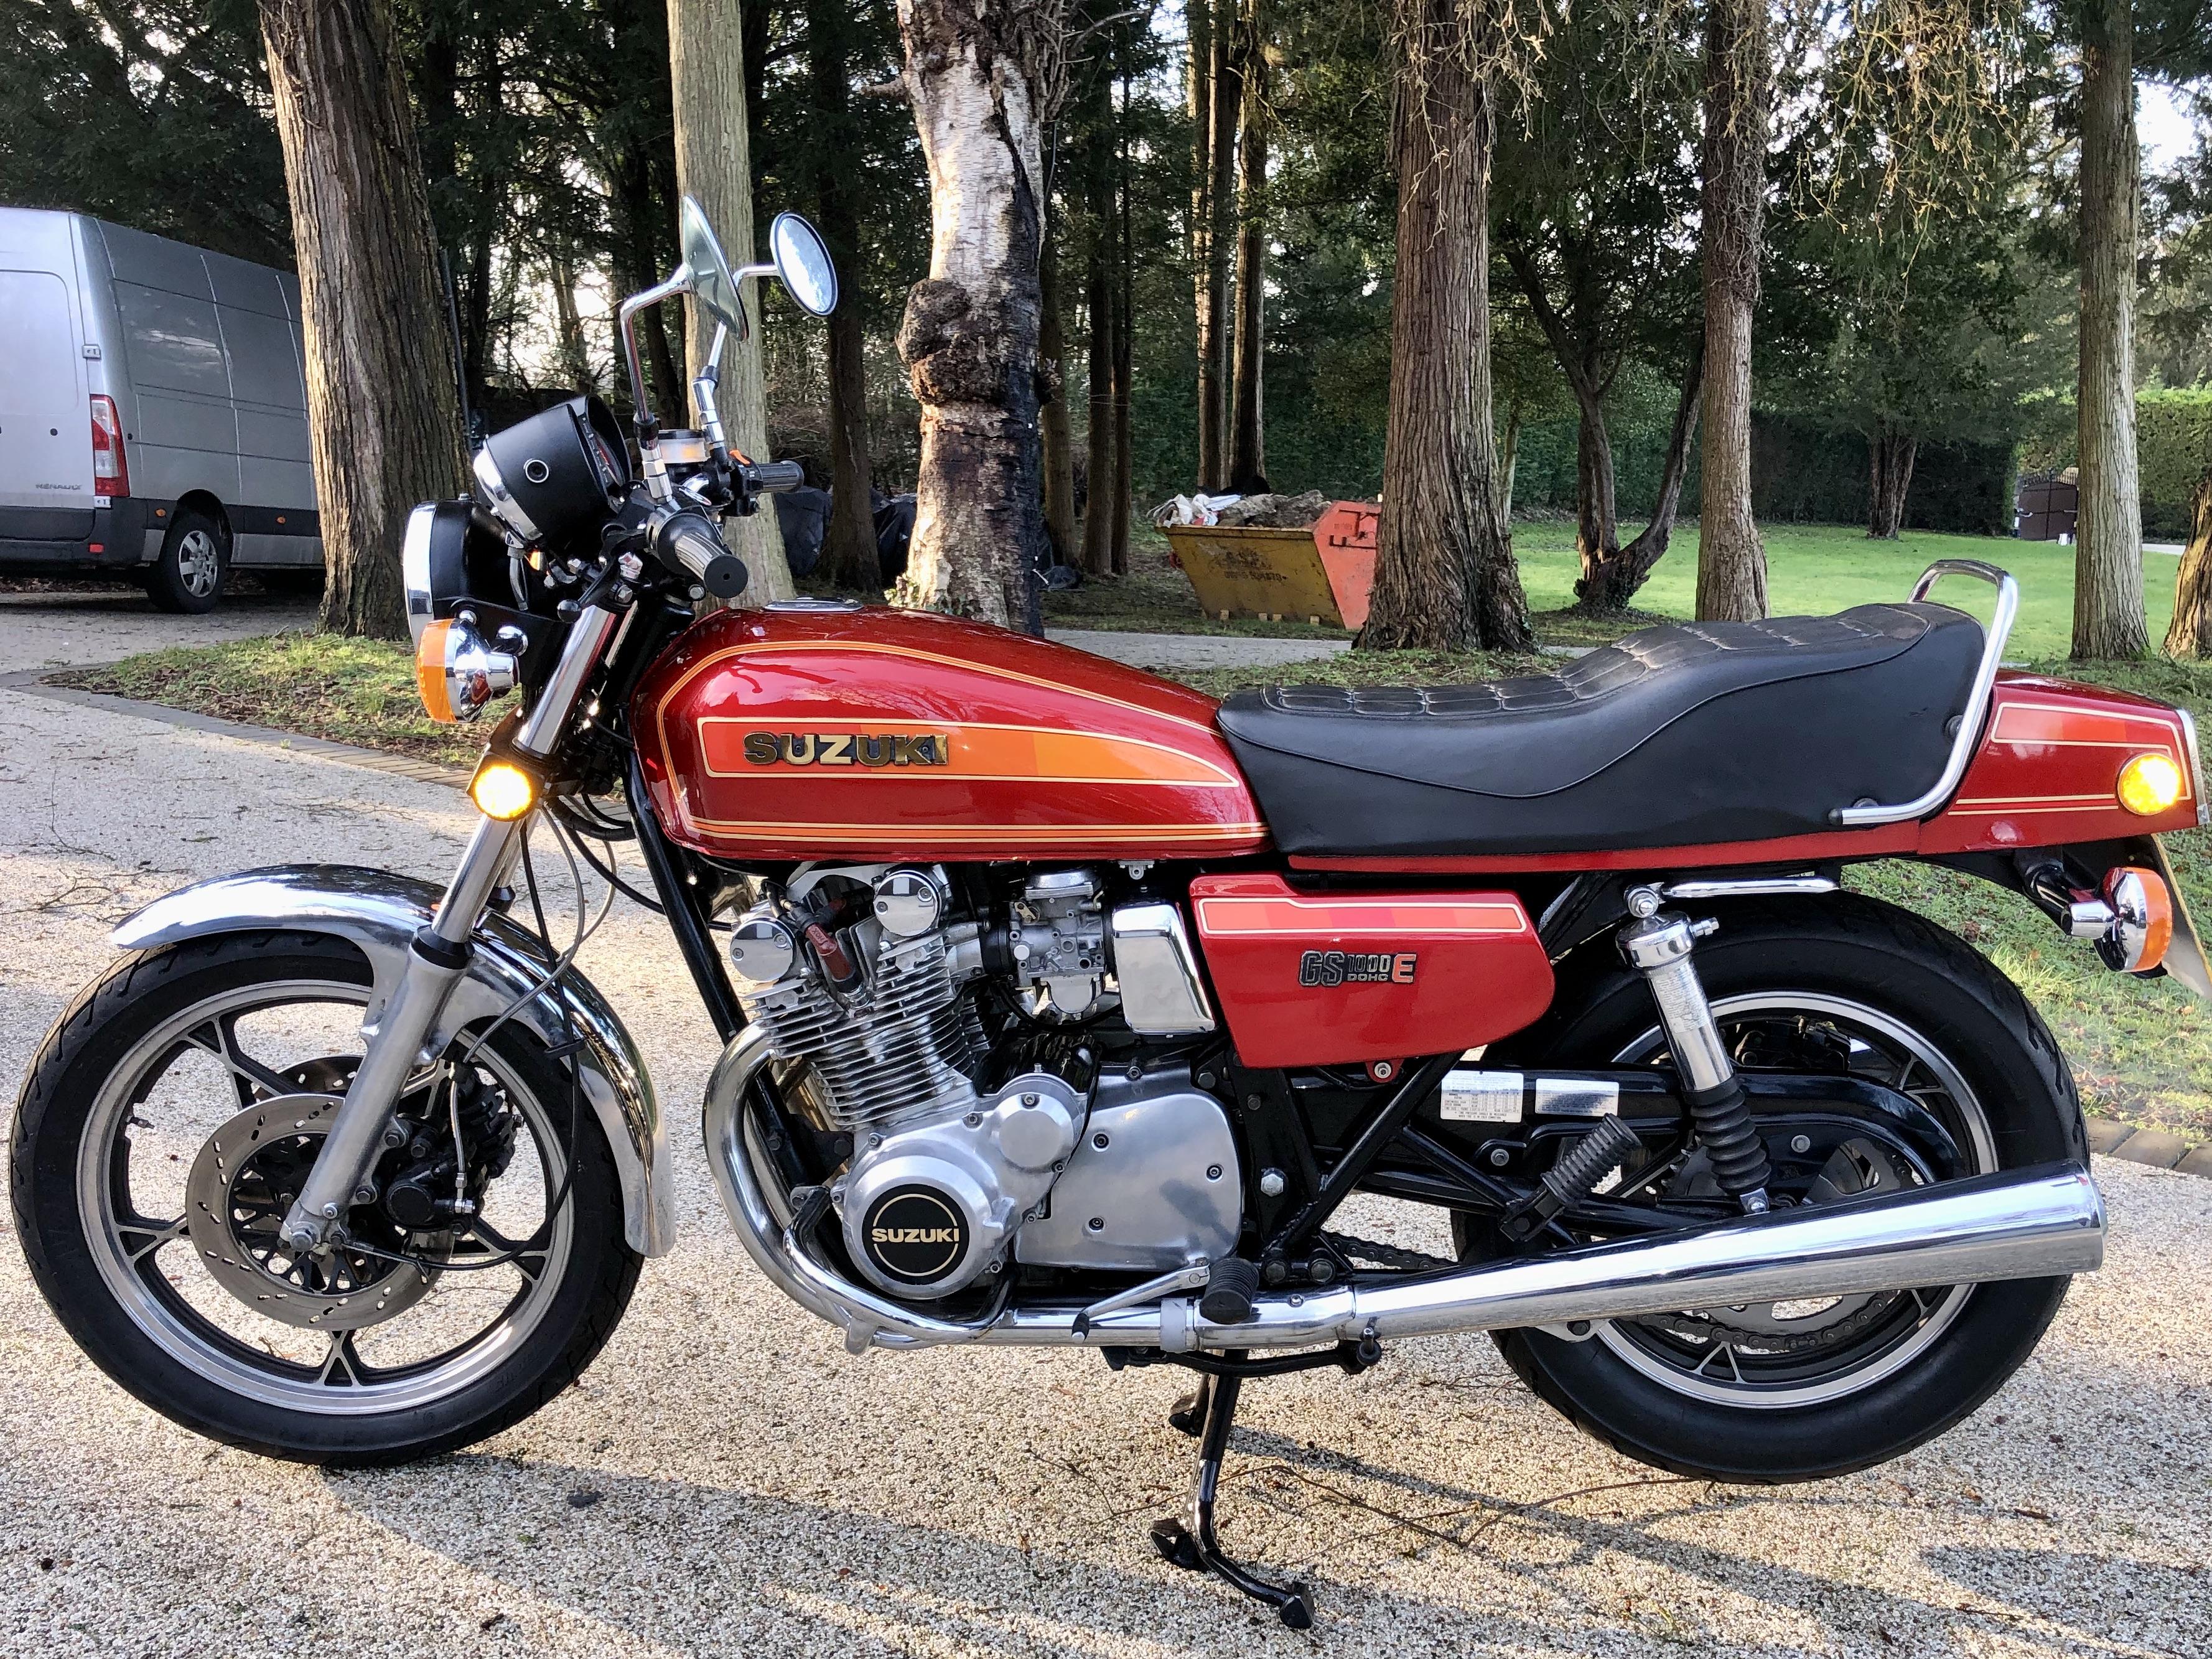 GS1000ET